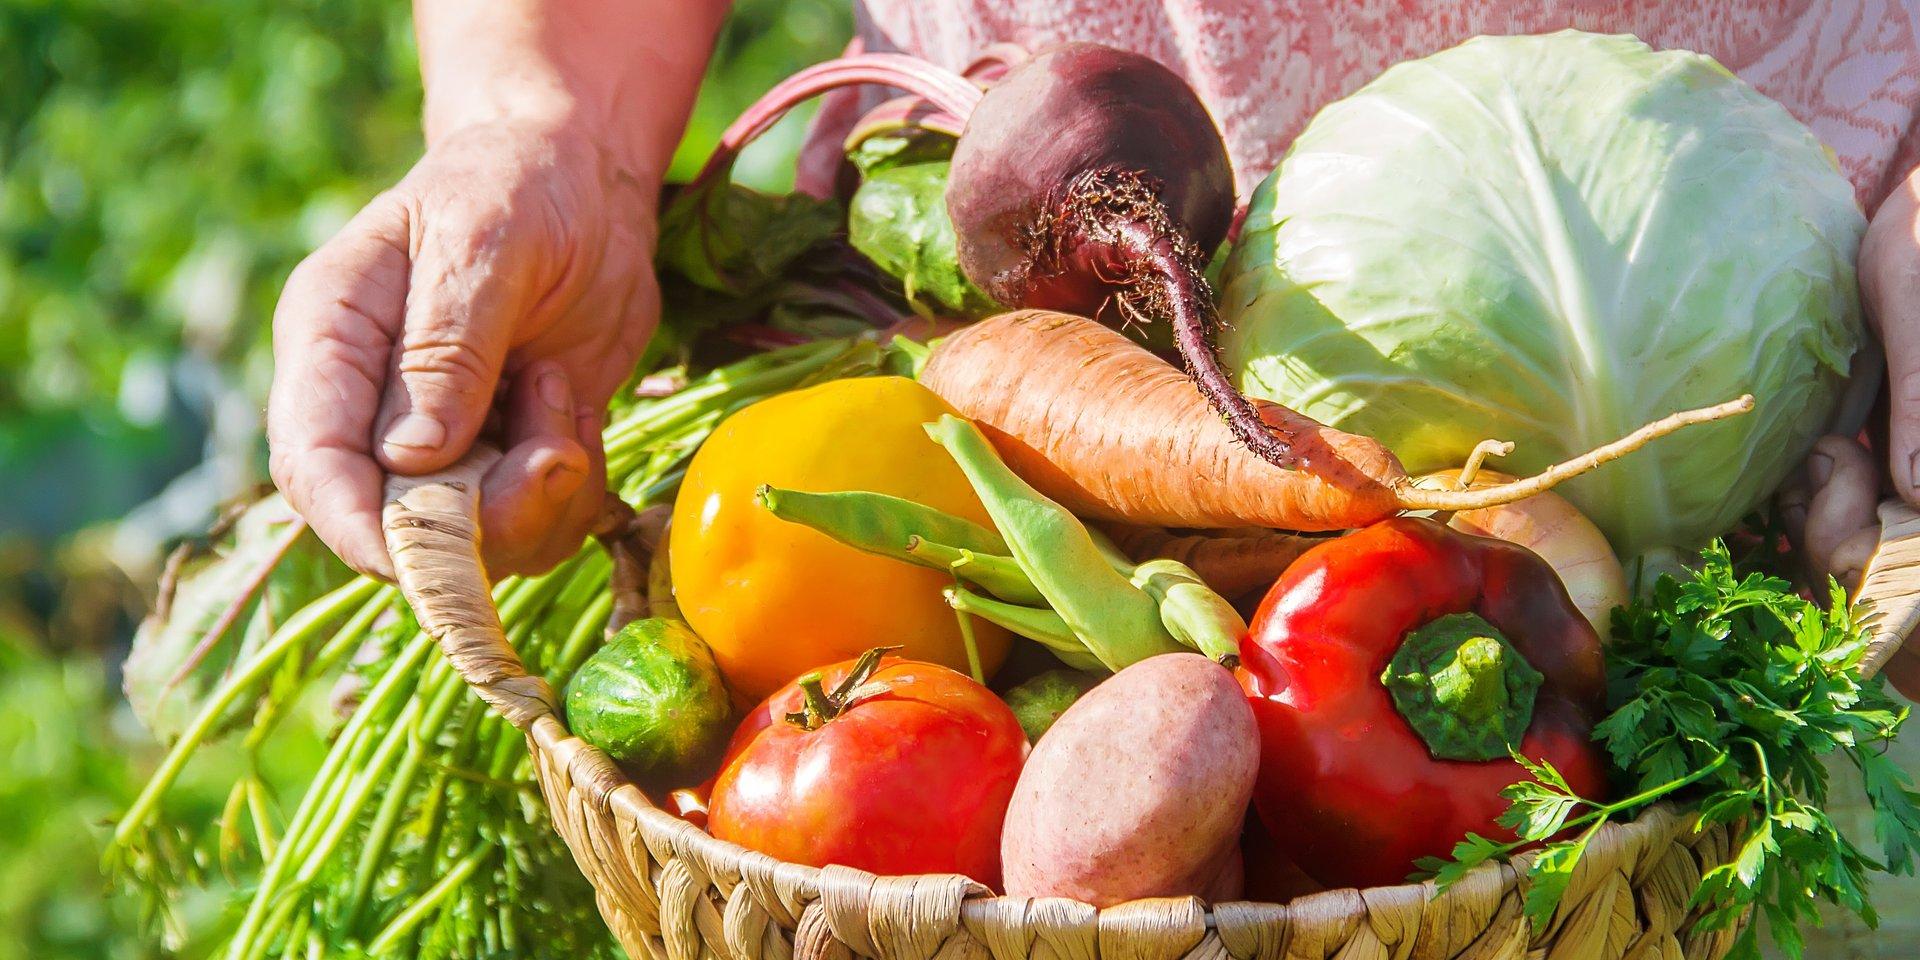 Produkcja żywności – zalecenia i wytyczne sanitarne